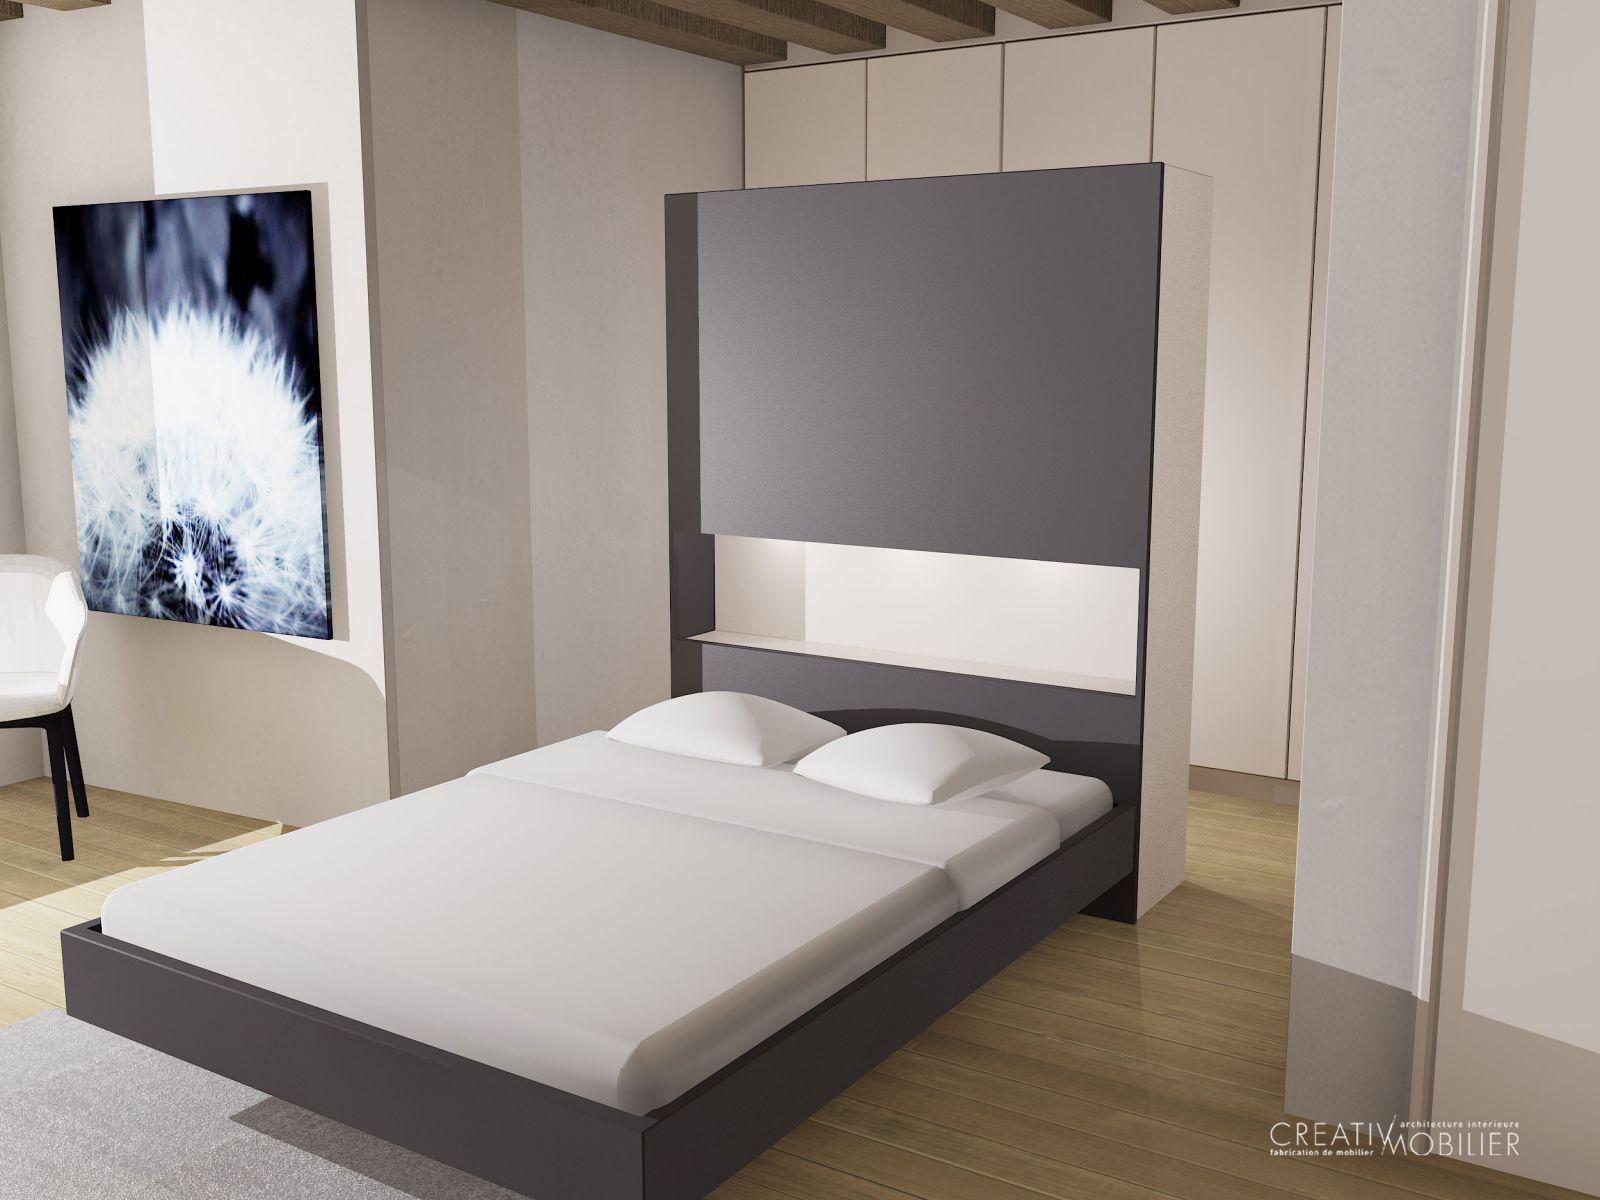 Pourquoi ne pas installer une tête de lit dans votre chambre ? #tetedelit #chambre #decoration #madeifrance